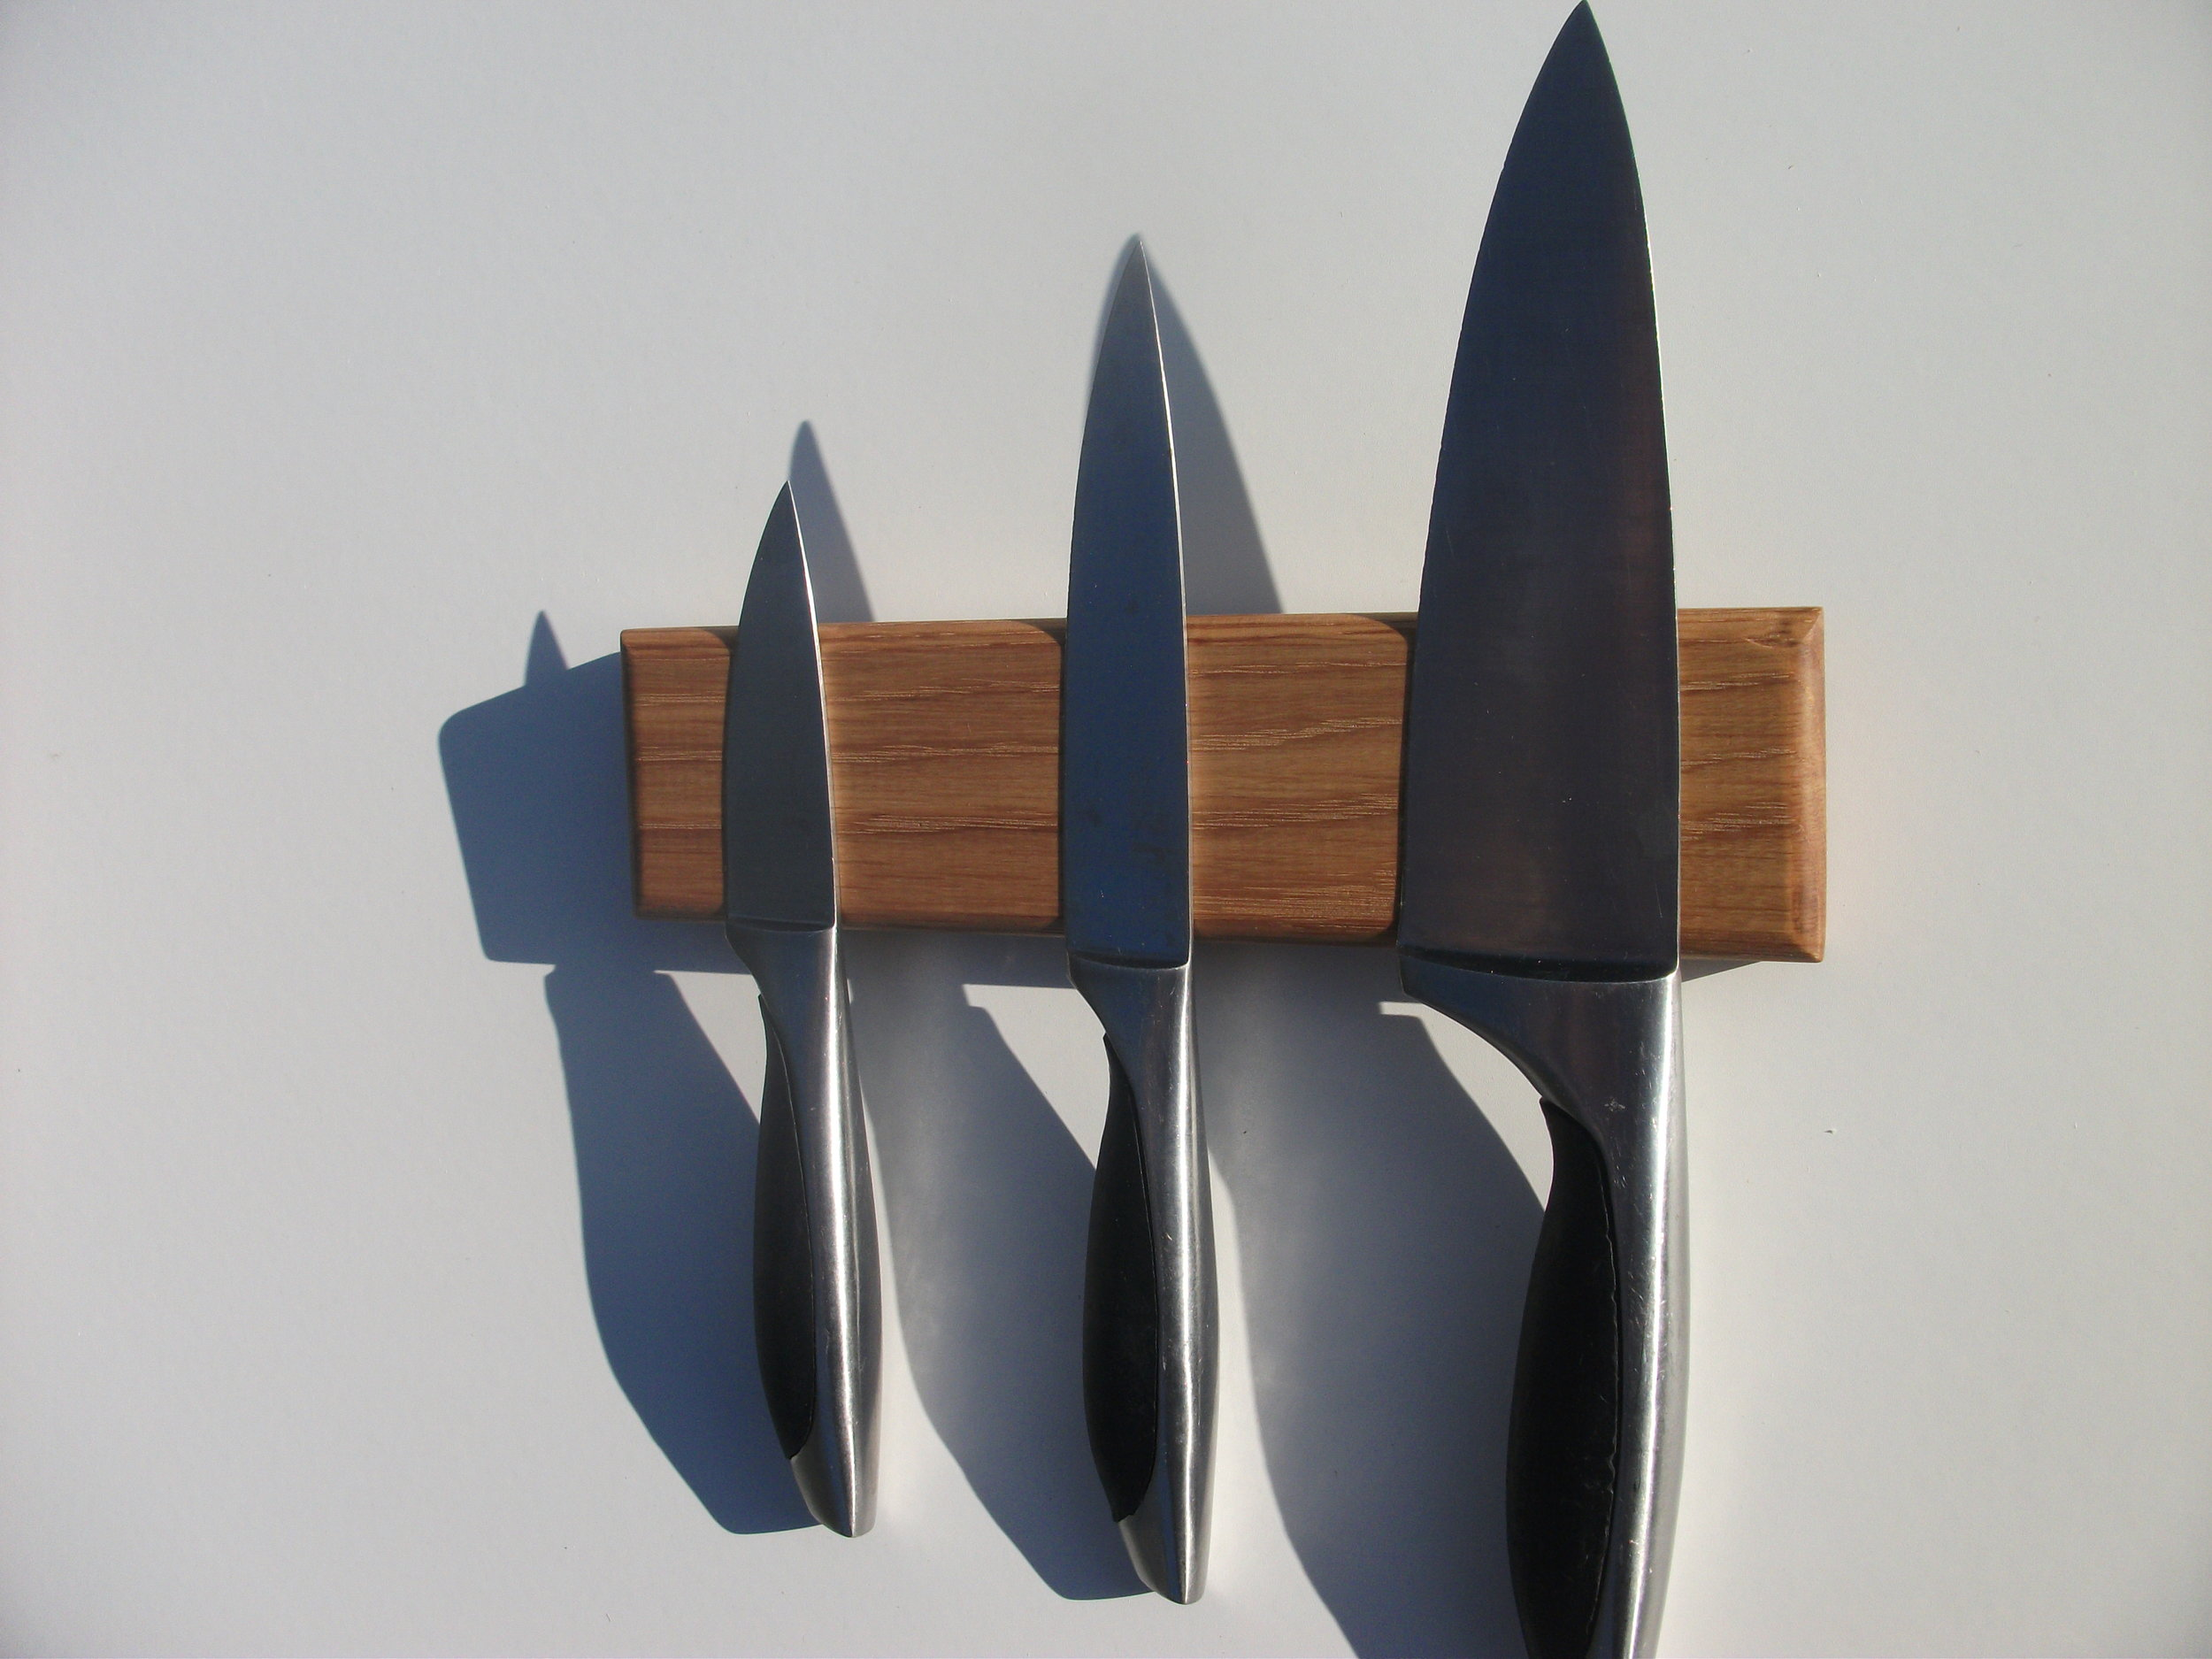 3-Knife Oak Rack